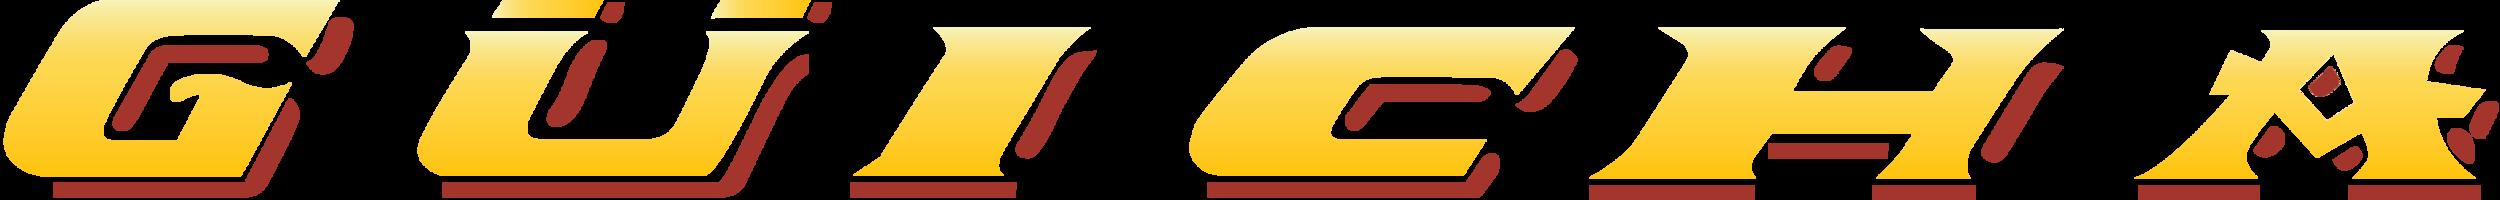 Guicha-Logo.png